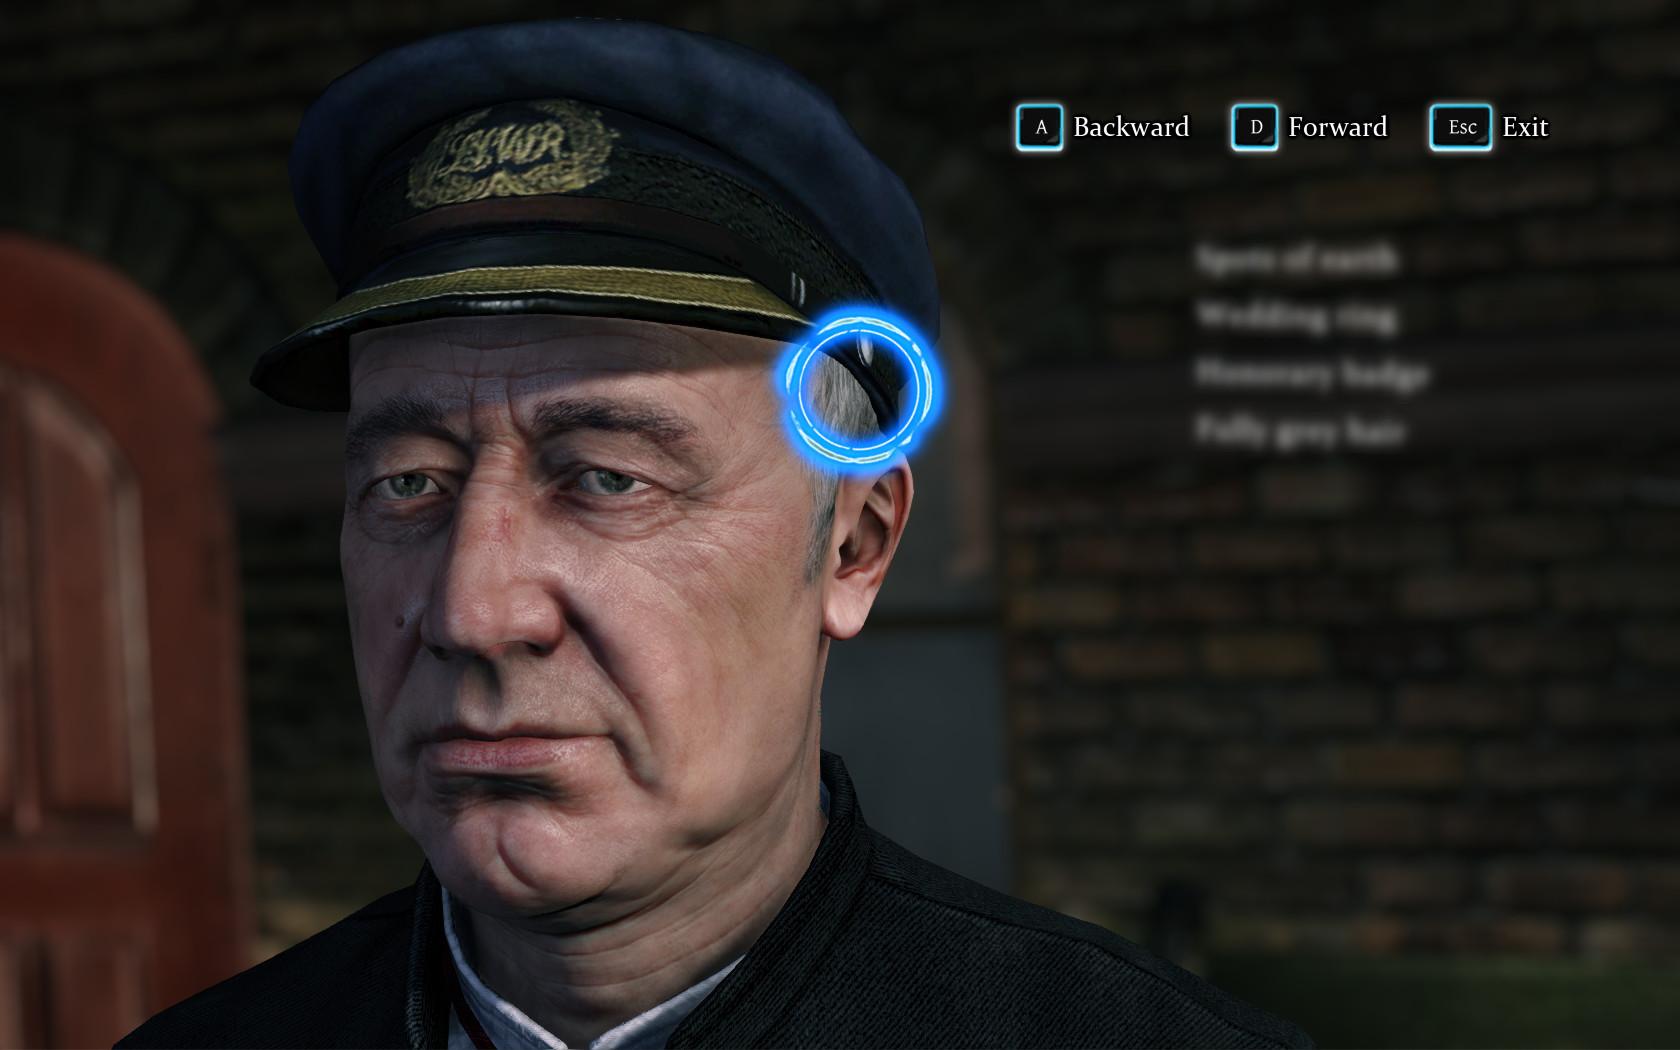 La pantalla muestra el rostro de un hombre de mediana edad con una gorra de uniforme.  El cursor está listo para enfocarse en diferentes partes de su rostro, con pistas potenciales aún por descubrir oscurecidas en una lista en el lado derecho de la pantalla.